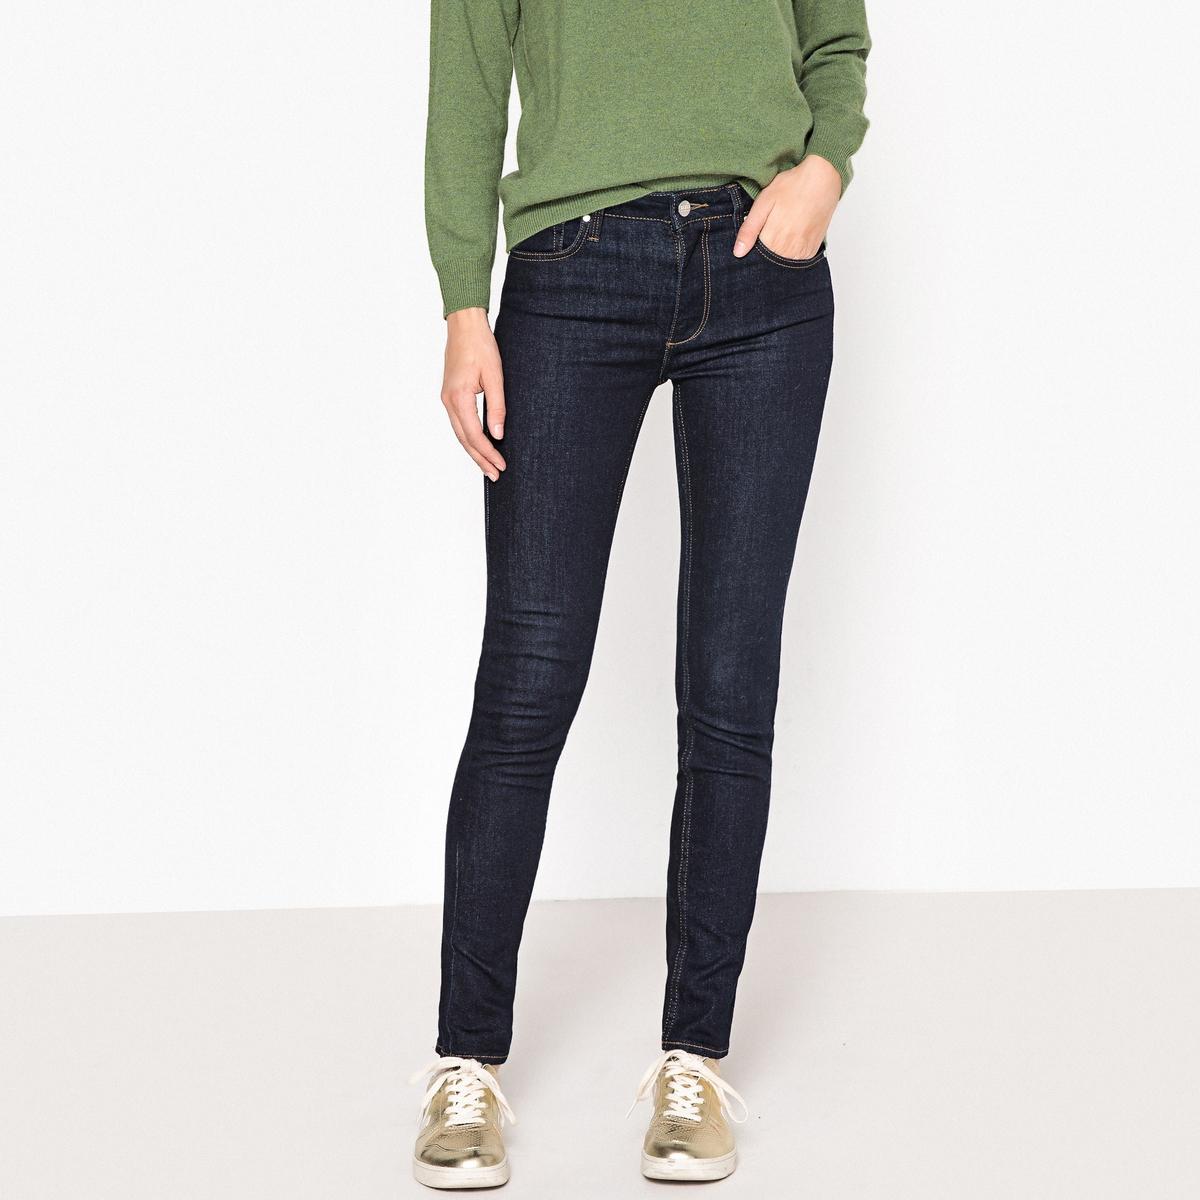 Джинсы скинни с высокой талией HIGHWAIST FIT ARNEL джинсы скинни длина 32